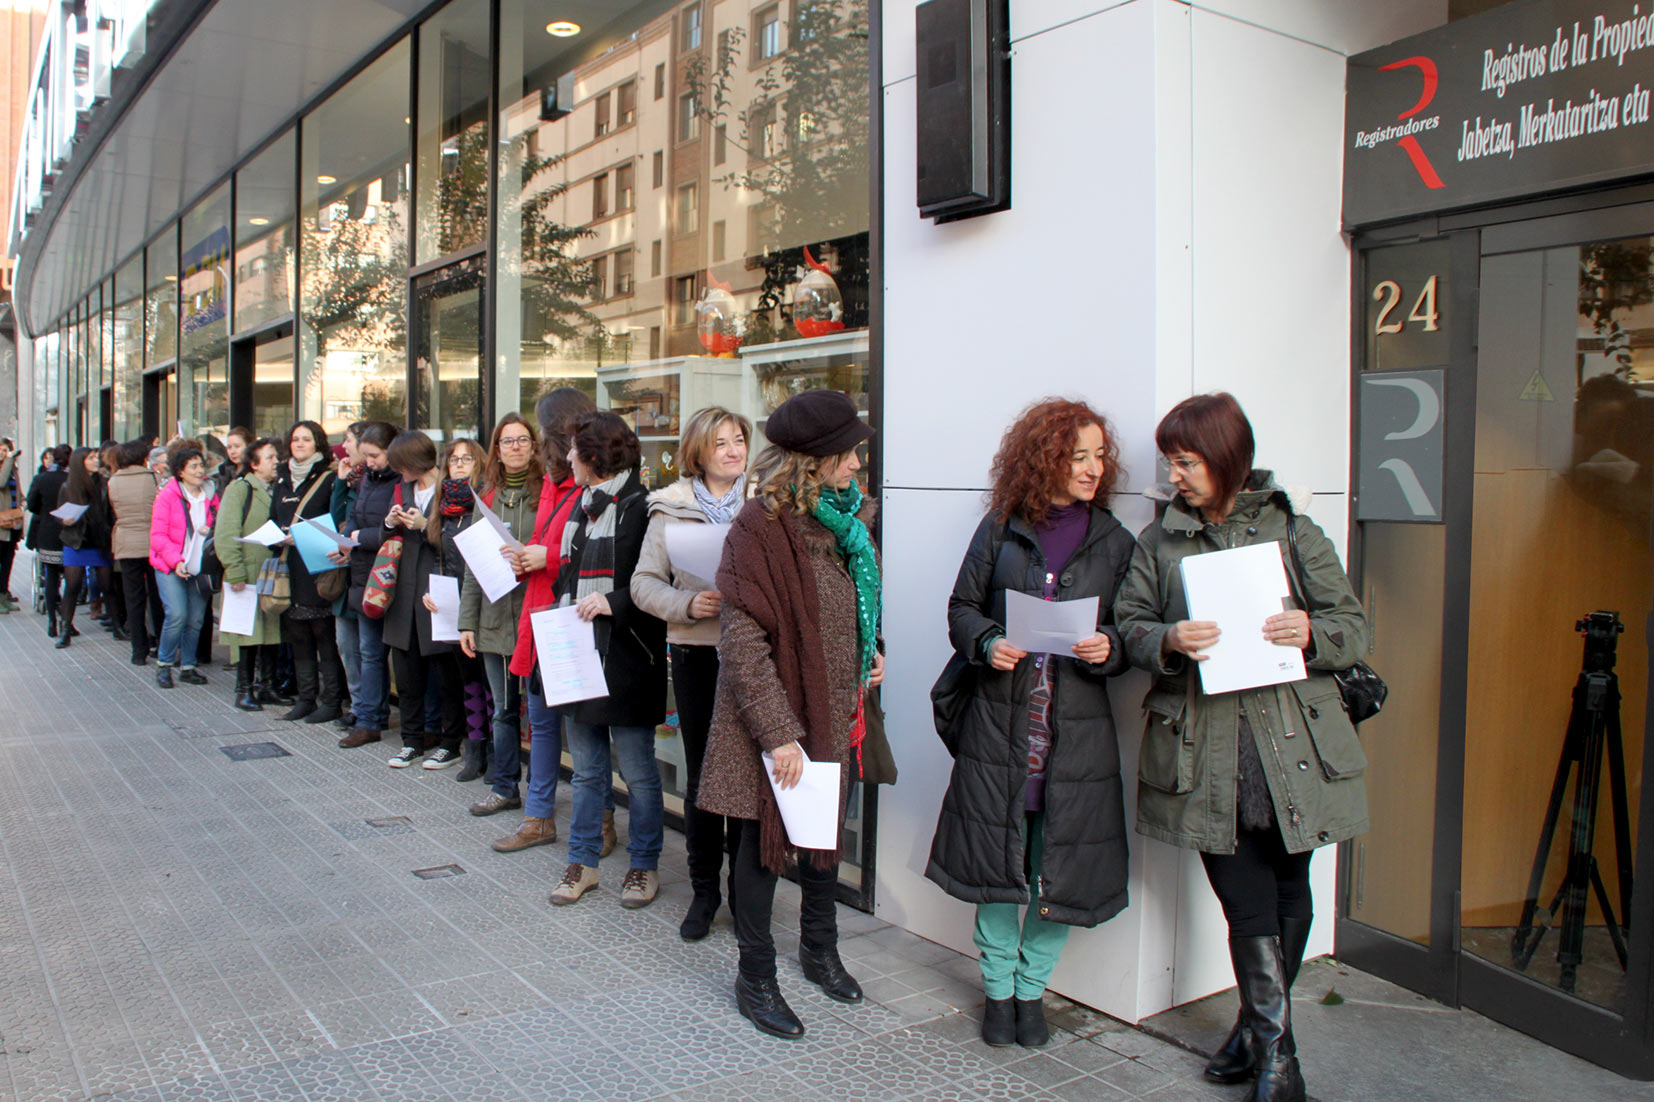 Registro De Bienes Muebles Madrid : Registro yolanda dominguez